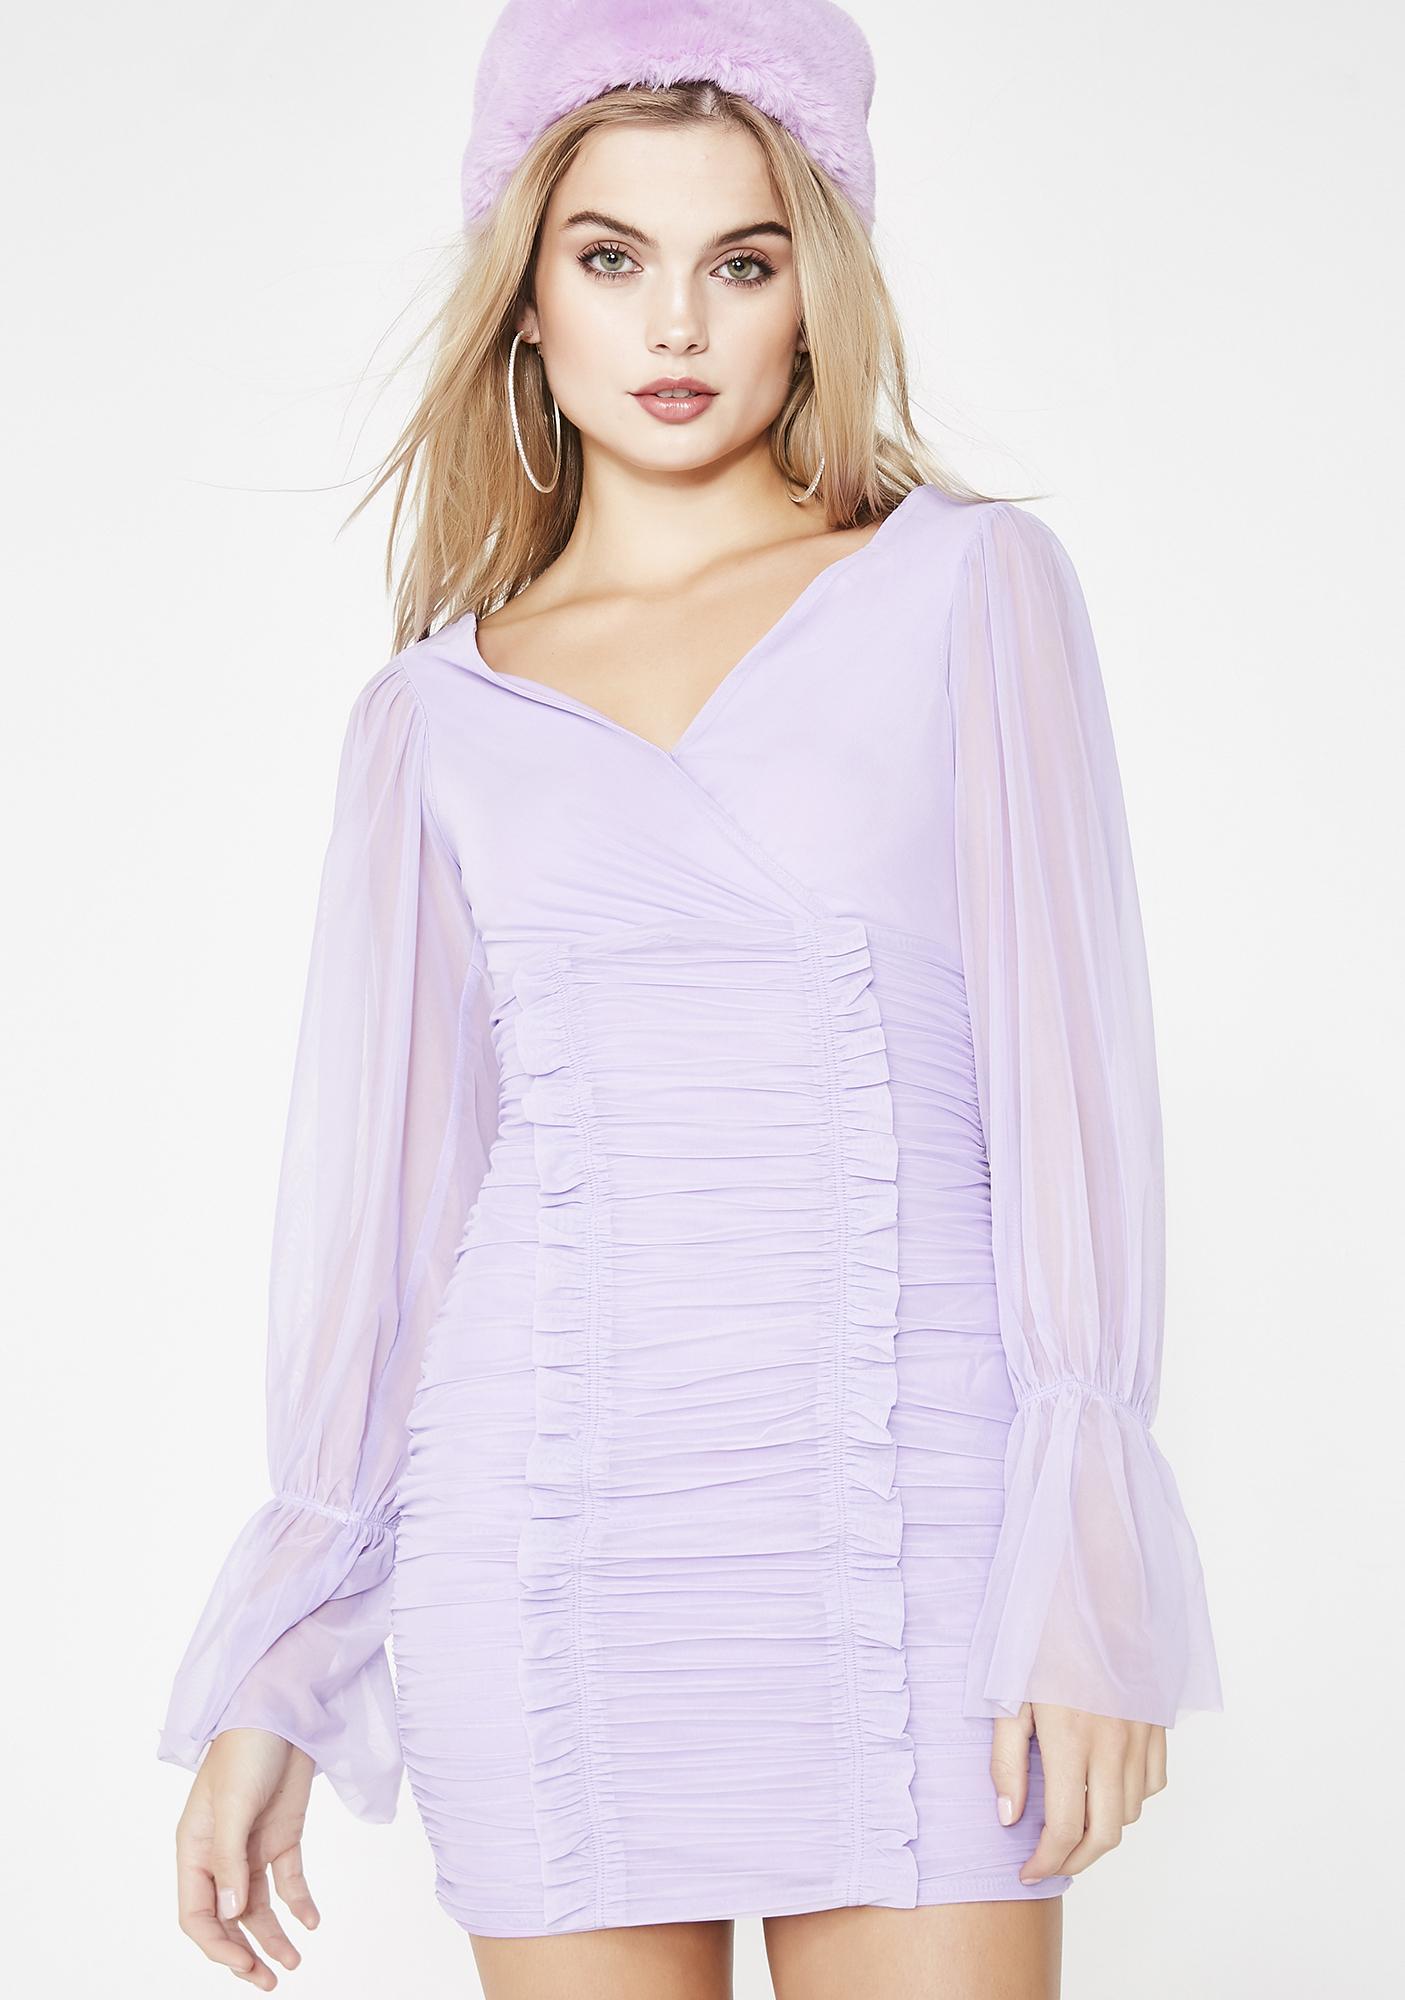 Lilac Always On Ya Mind Mini Dress